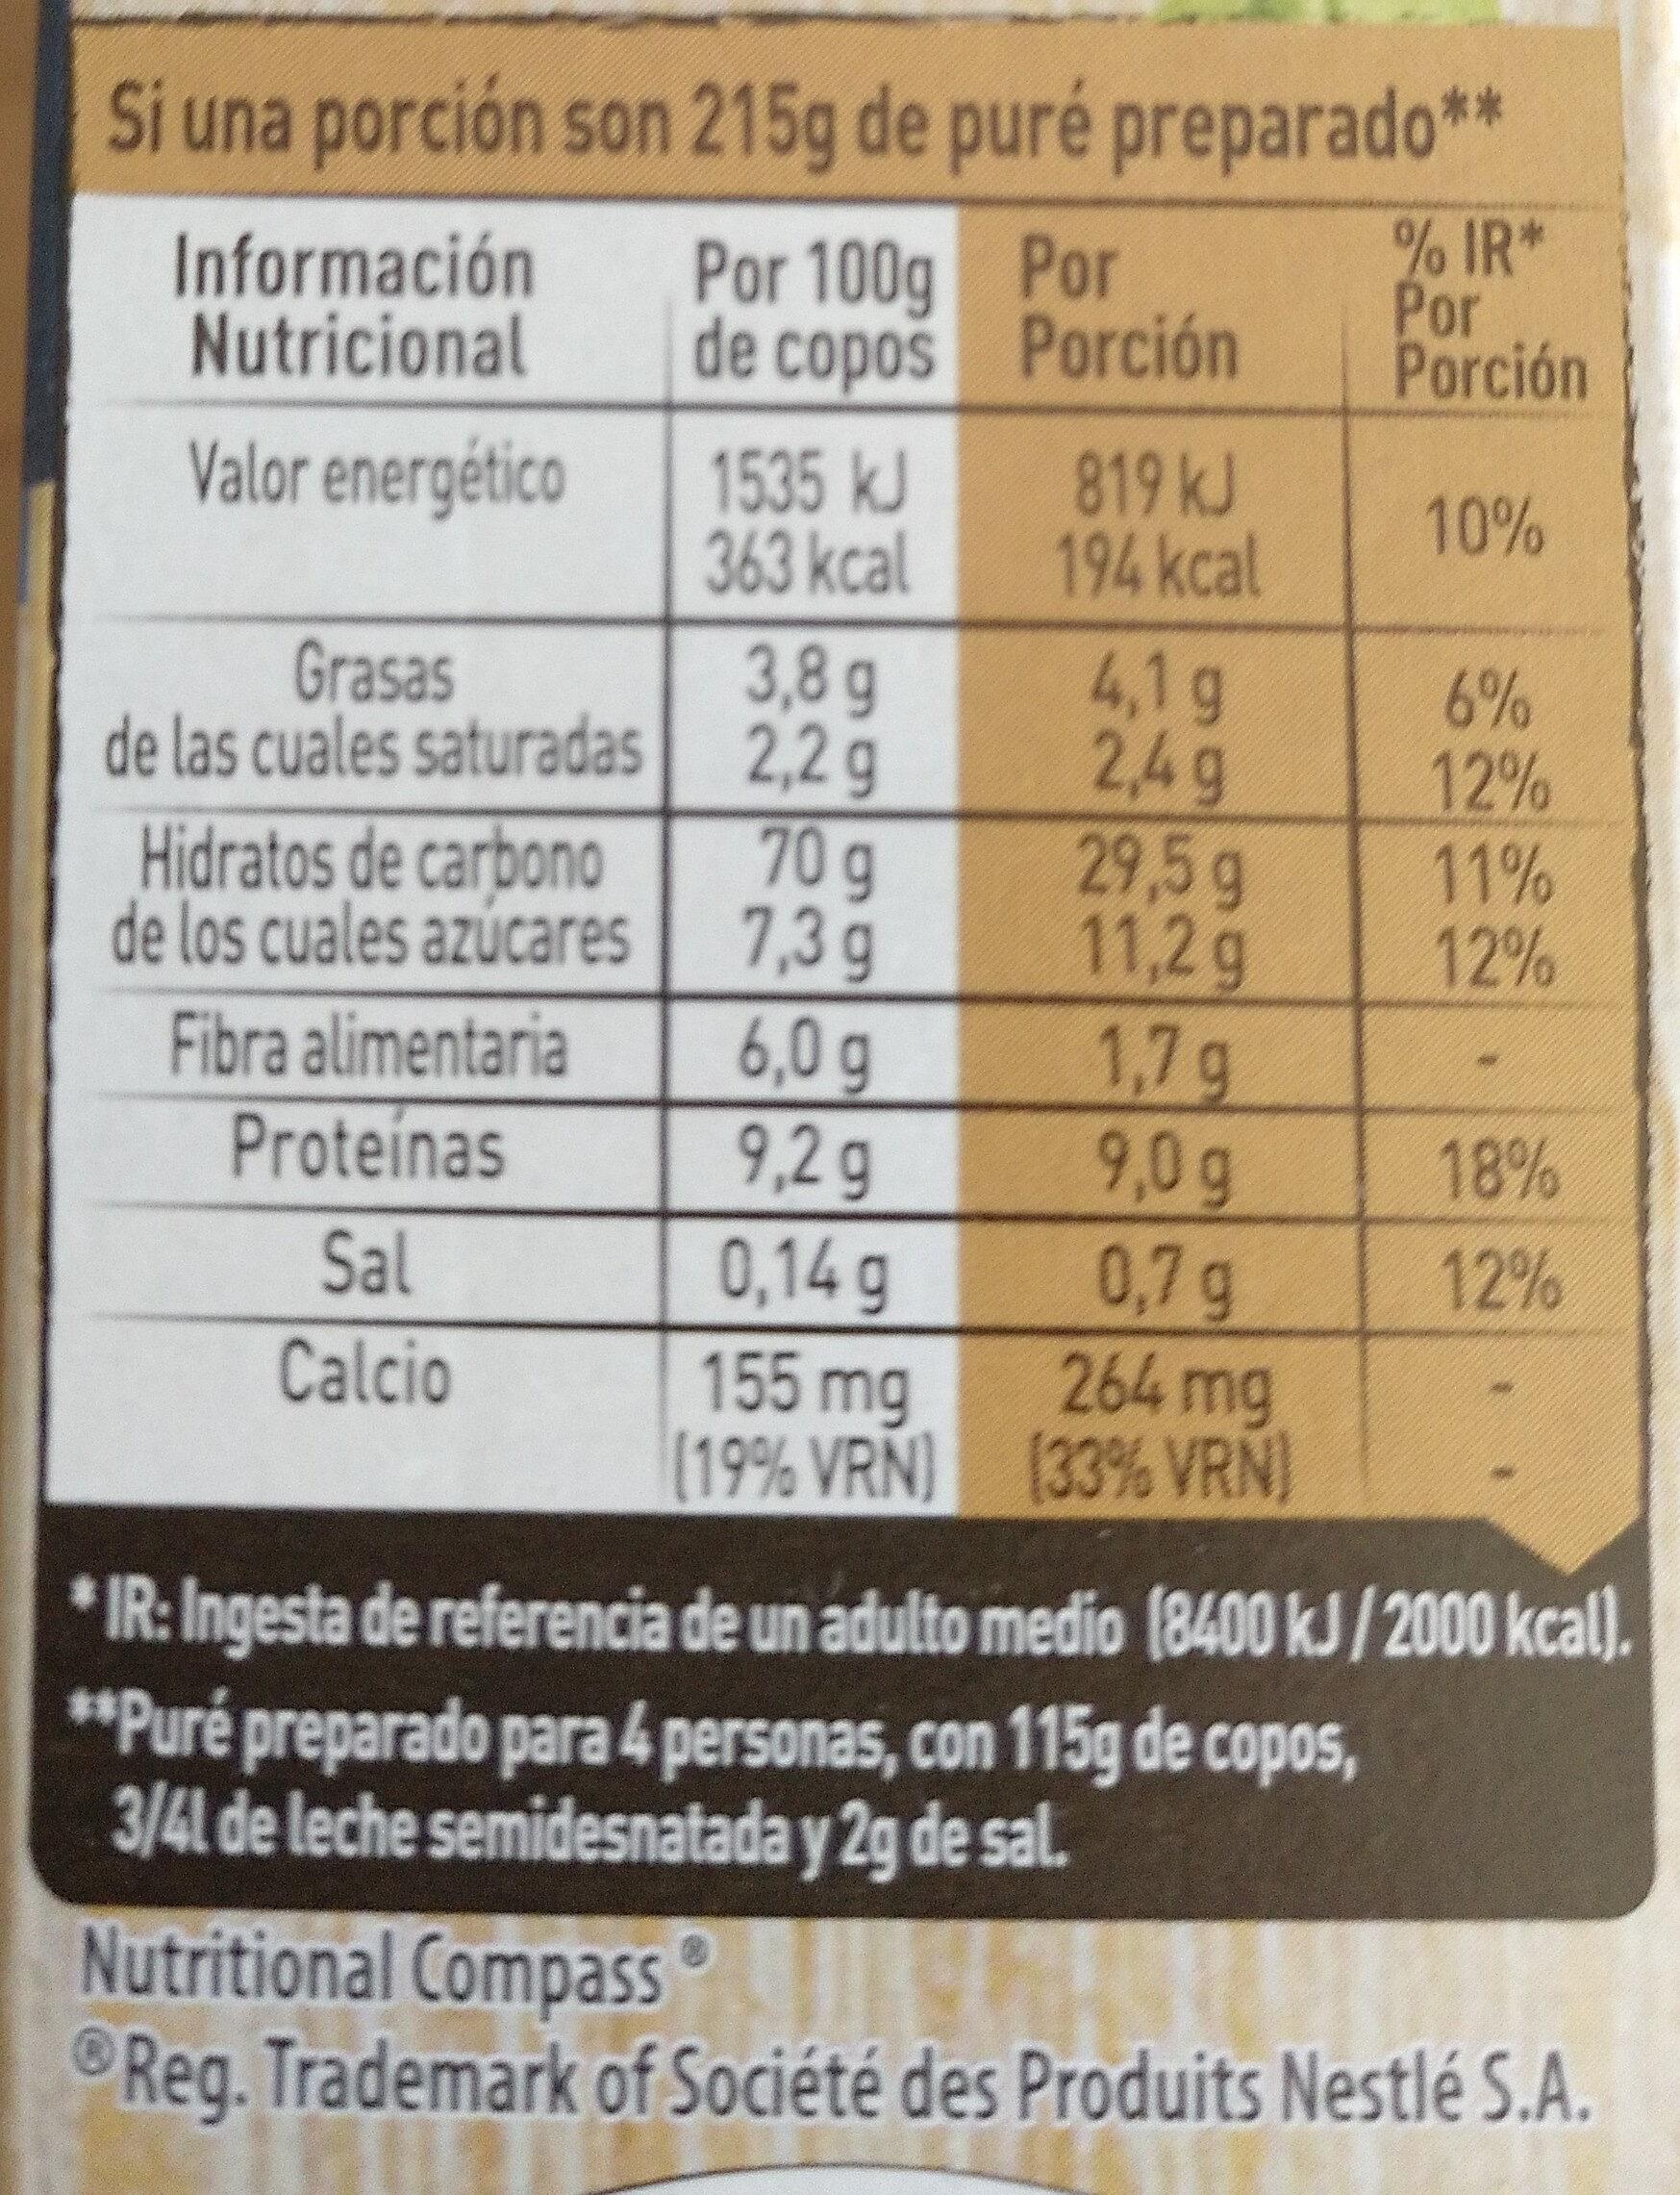 Puré de patata con leche sin gluten estuche 230 g - Información nutricional - es